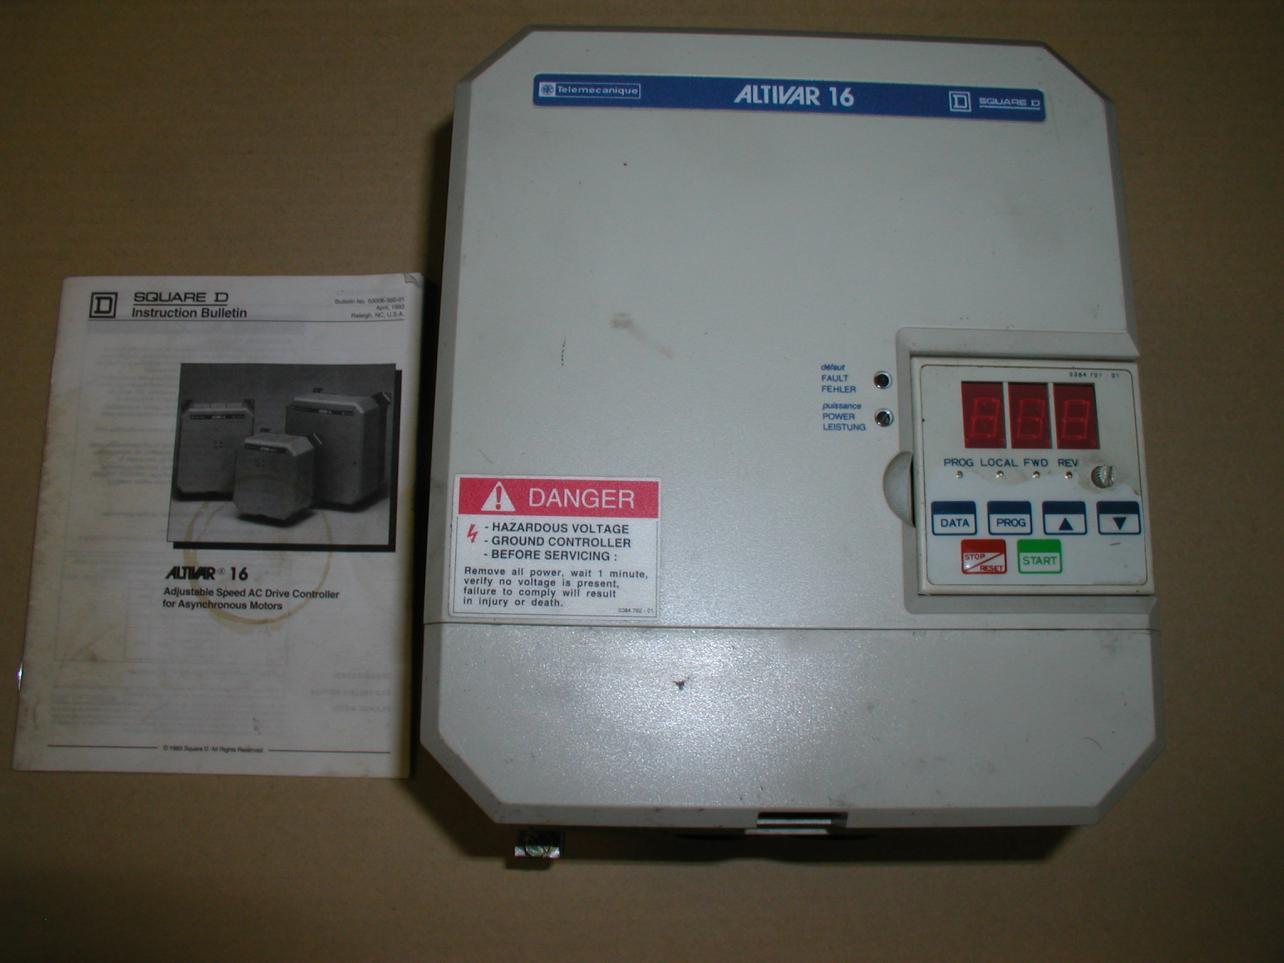 Telemecanique Altivar 16 Service Manual